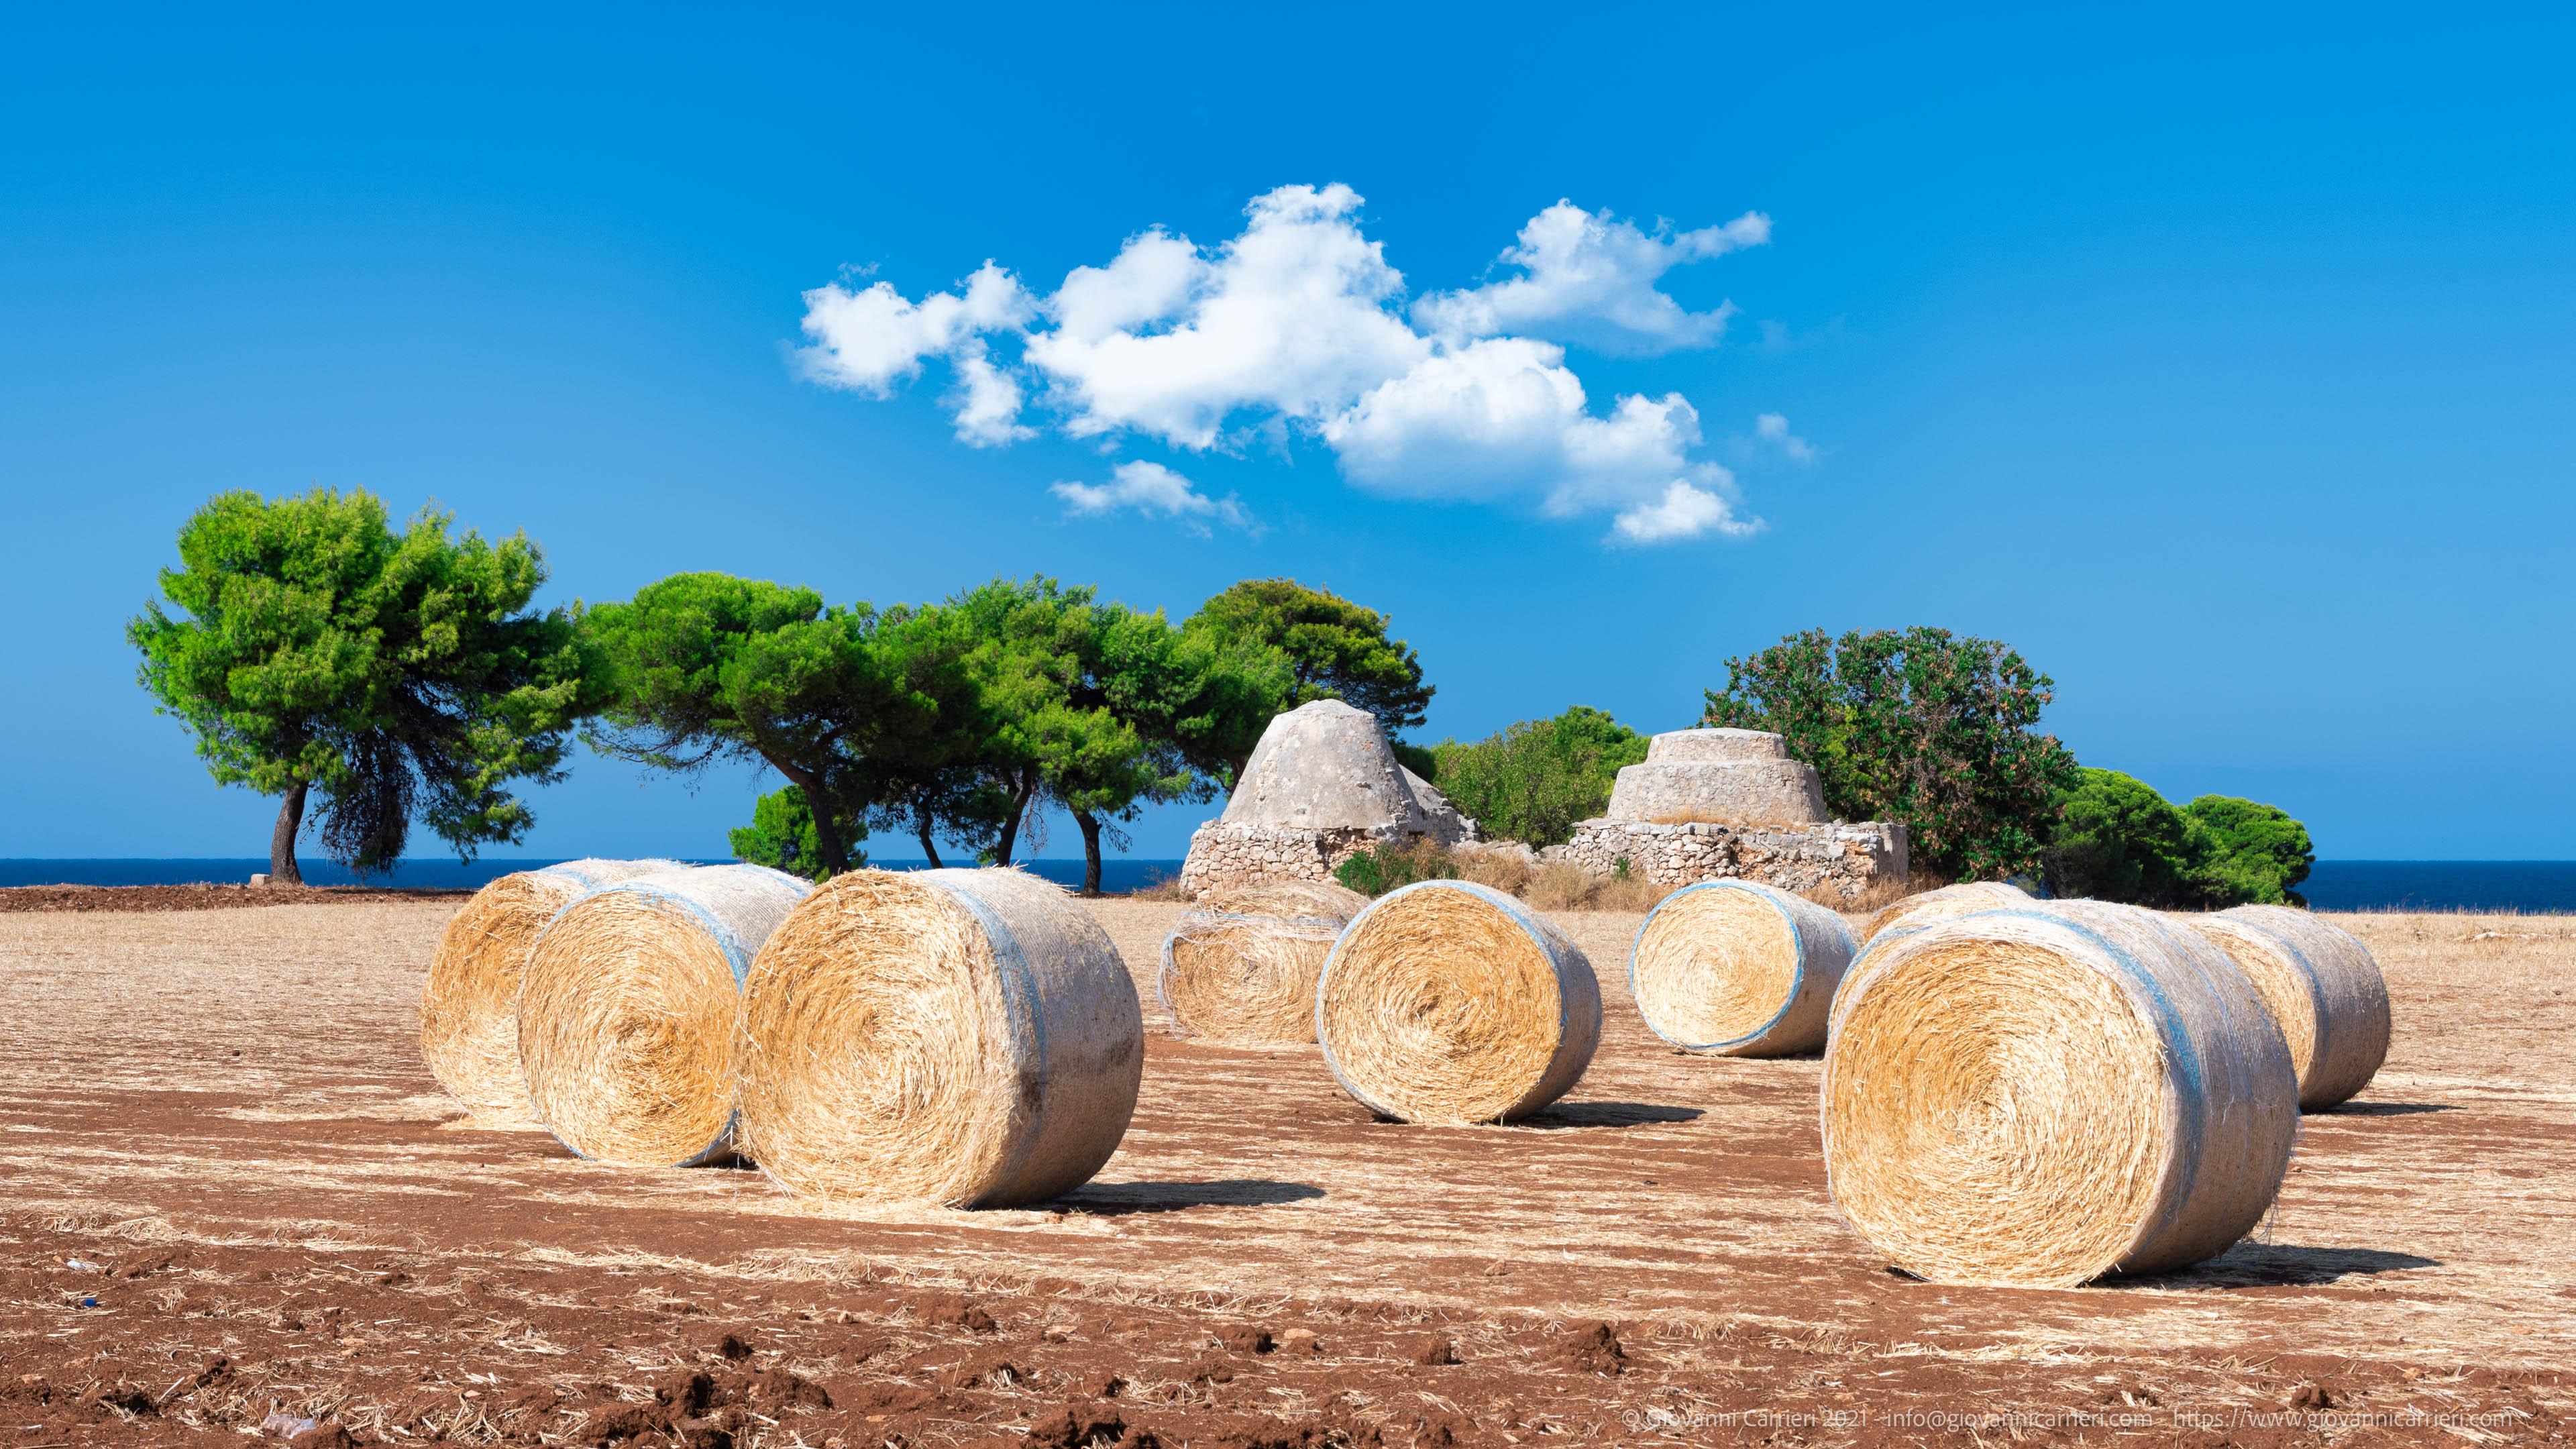 Costa Ripagnola ed i trulli La costa, situata tra le frazioni di Cozze e di San Vito, a nord di Polignano a mare con i suoi caratteristici trulli